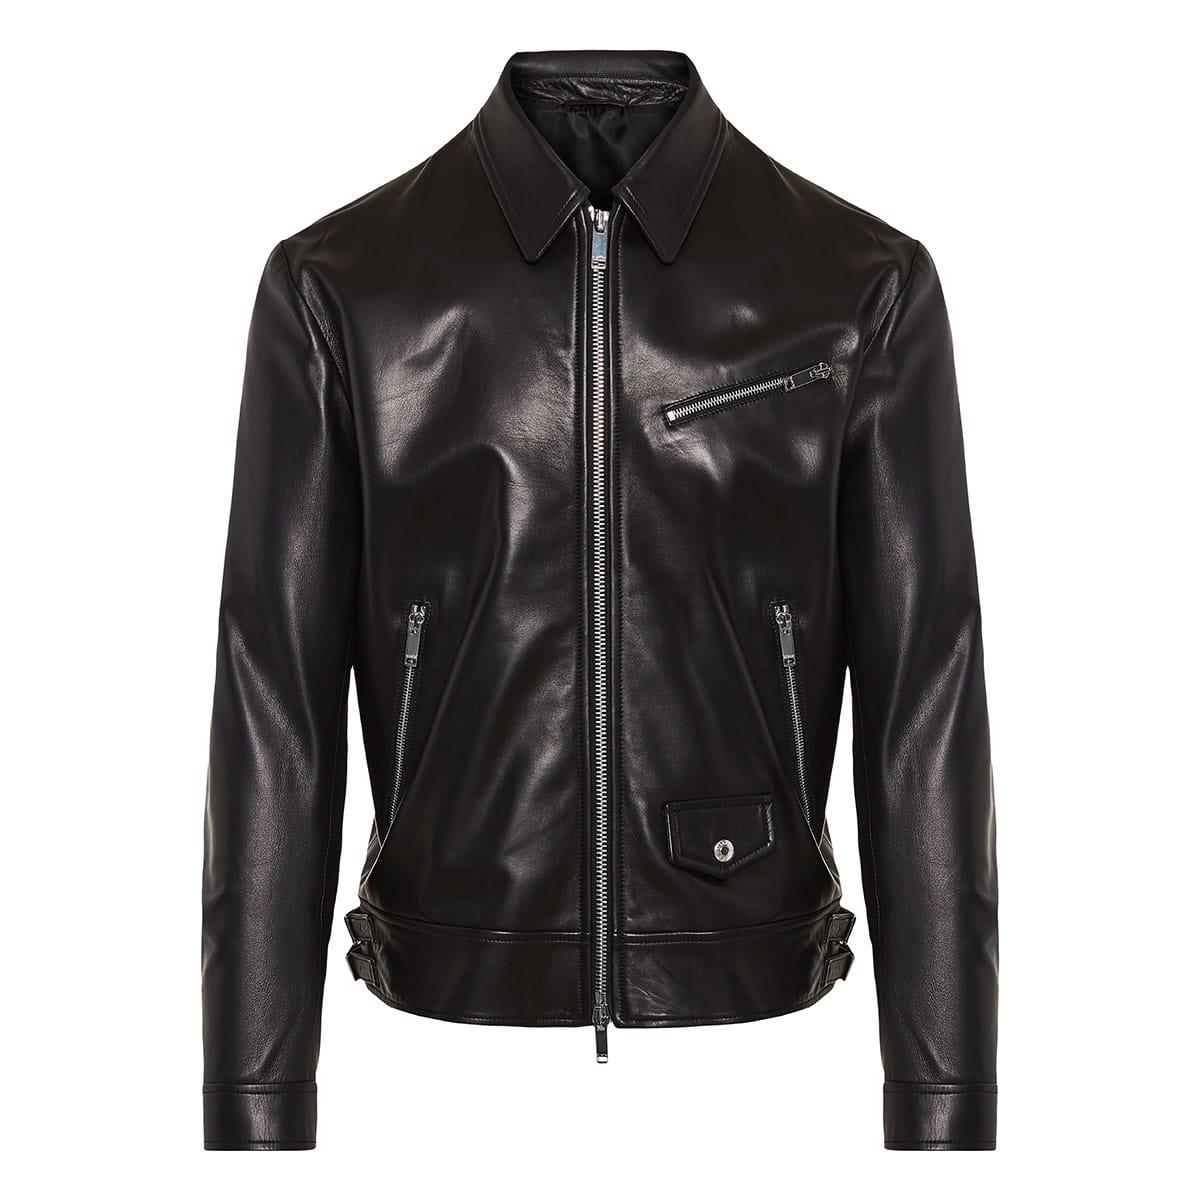 VLTN leather biker jacket